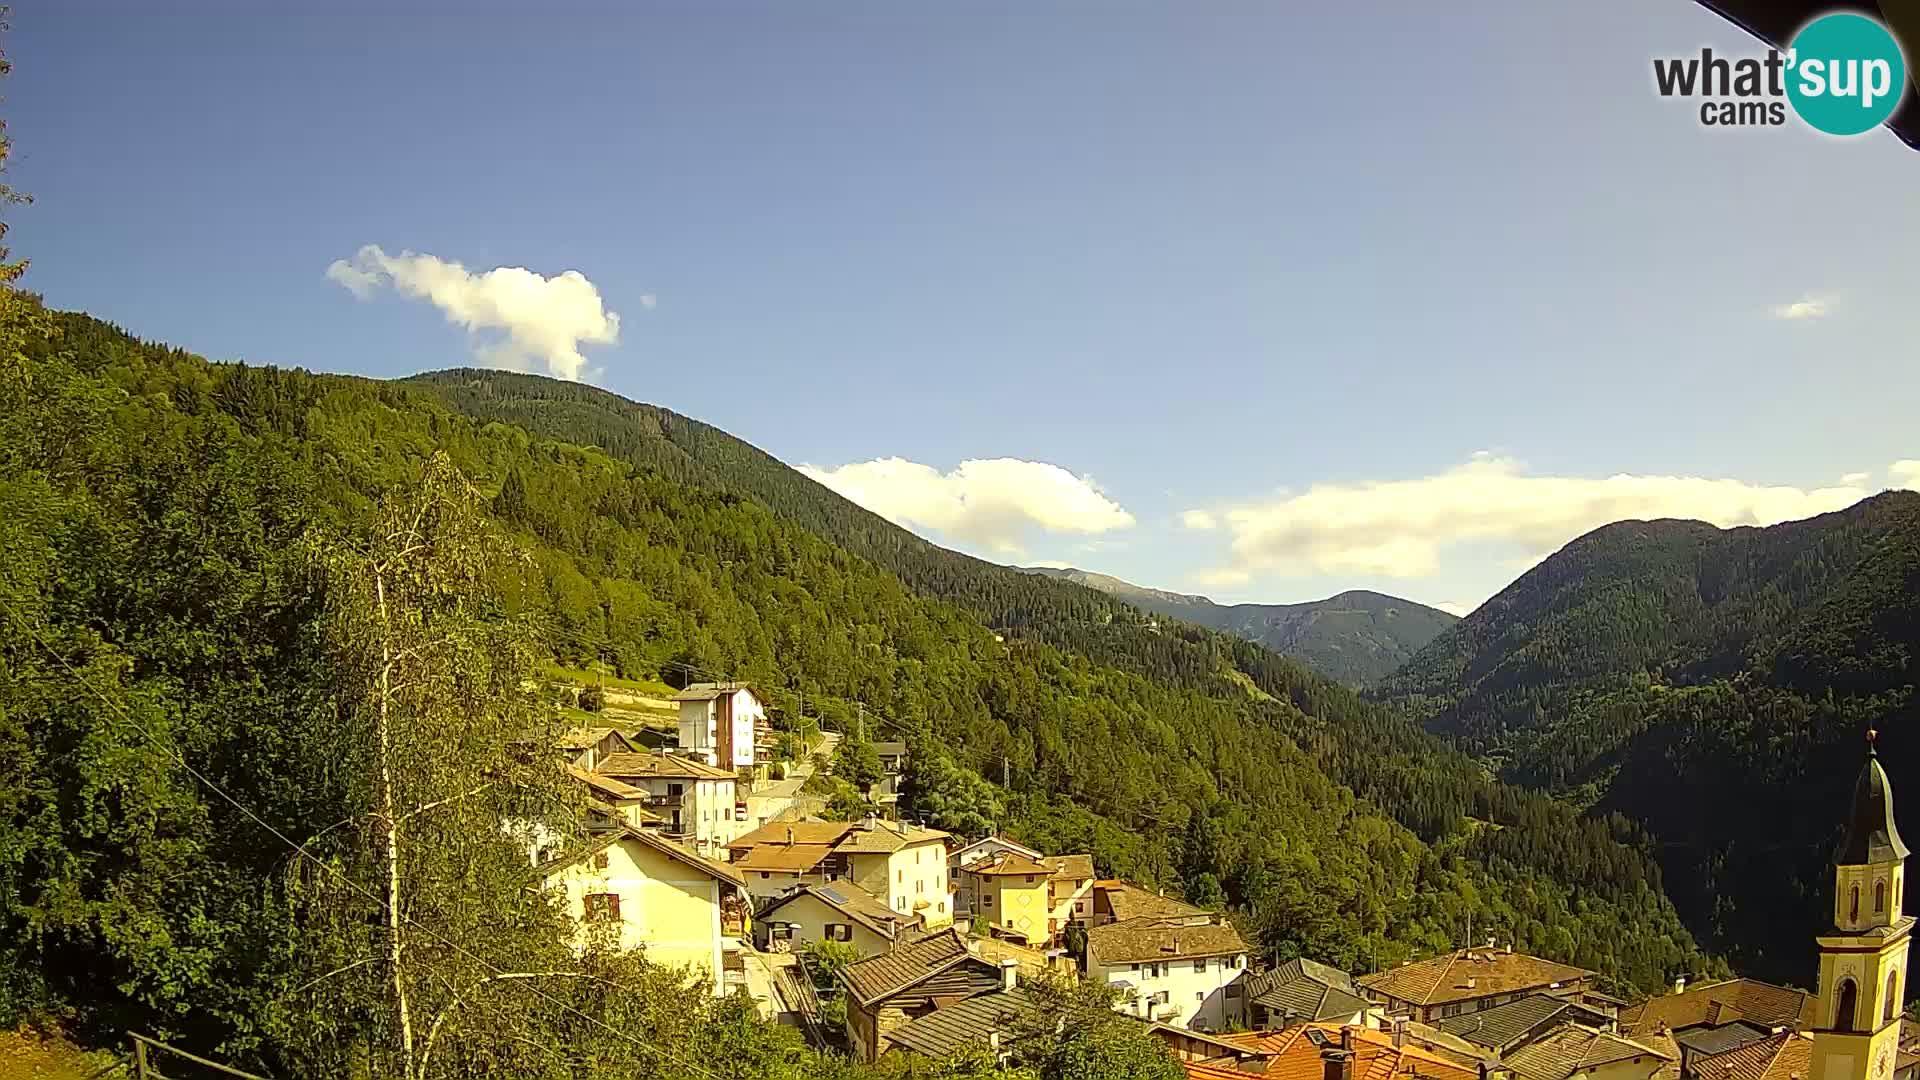 Live Webcam Sover – Trentino Alto Adige livecam Lagorai